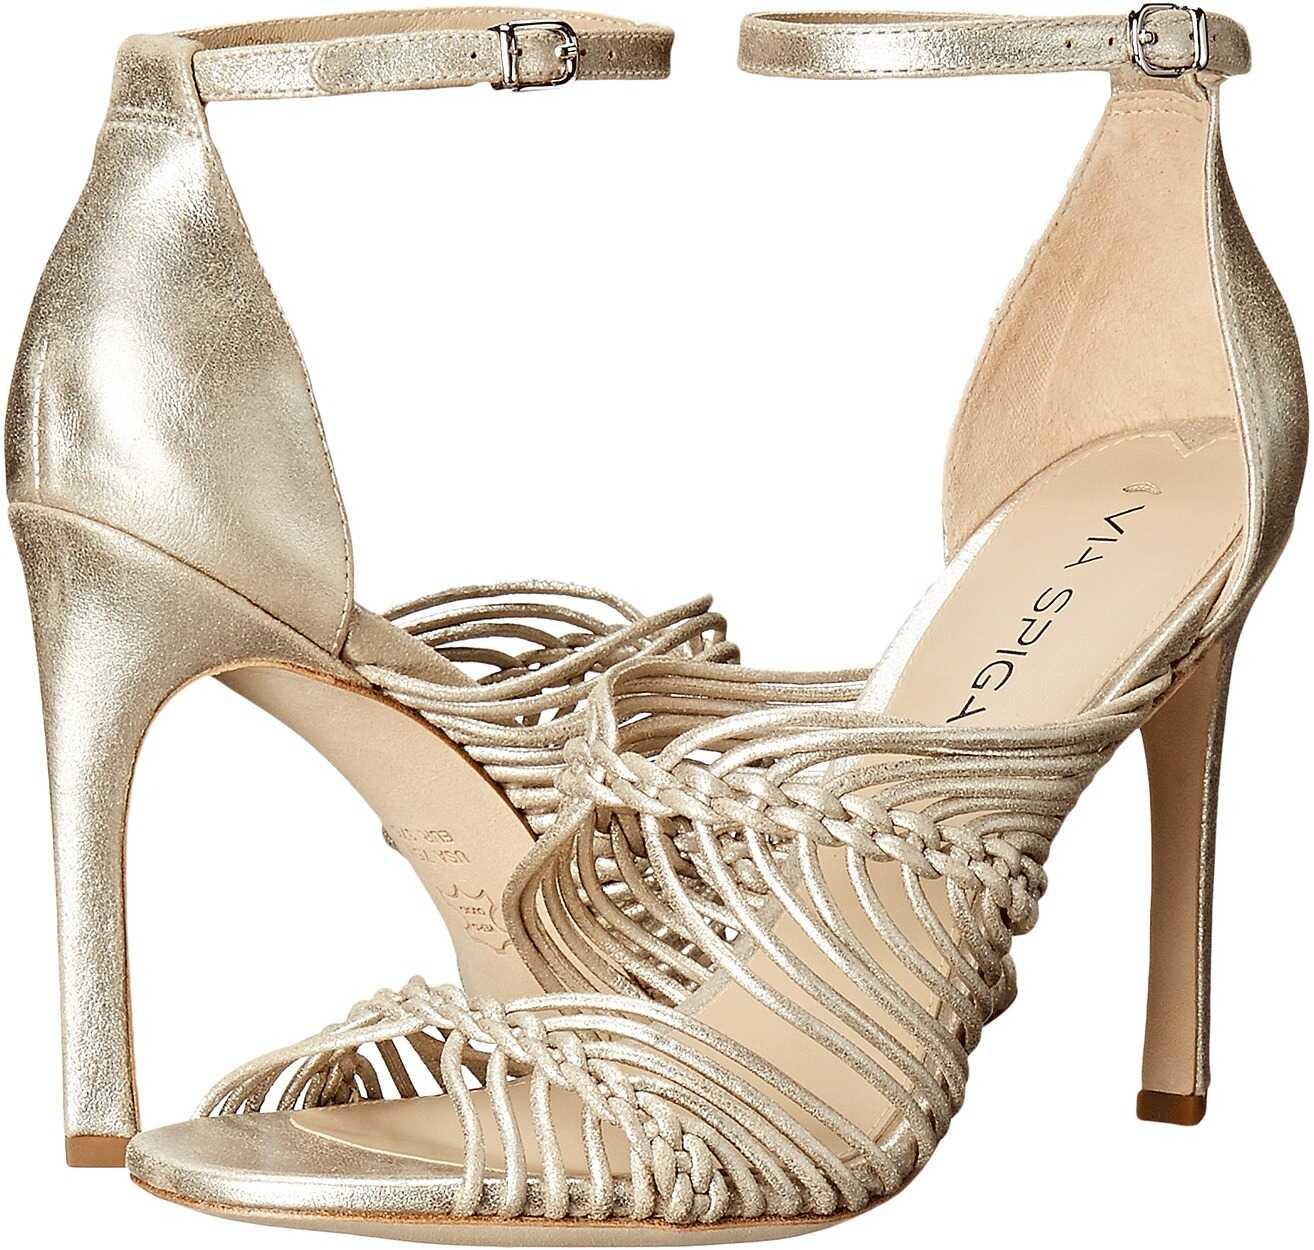 Sandale Femei Via Spiga Dorian Platinum